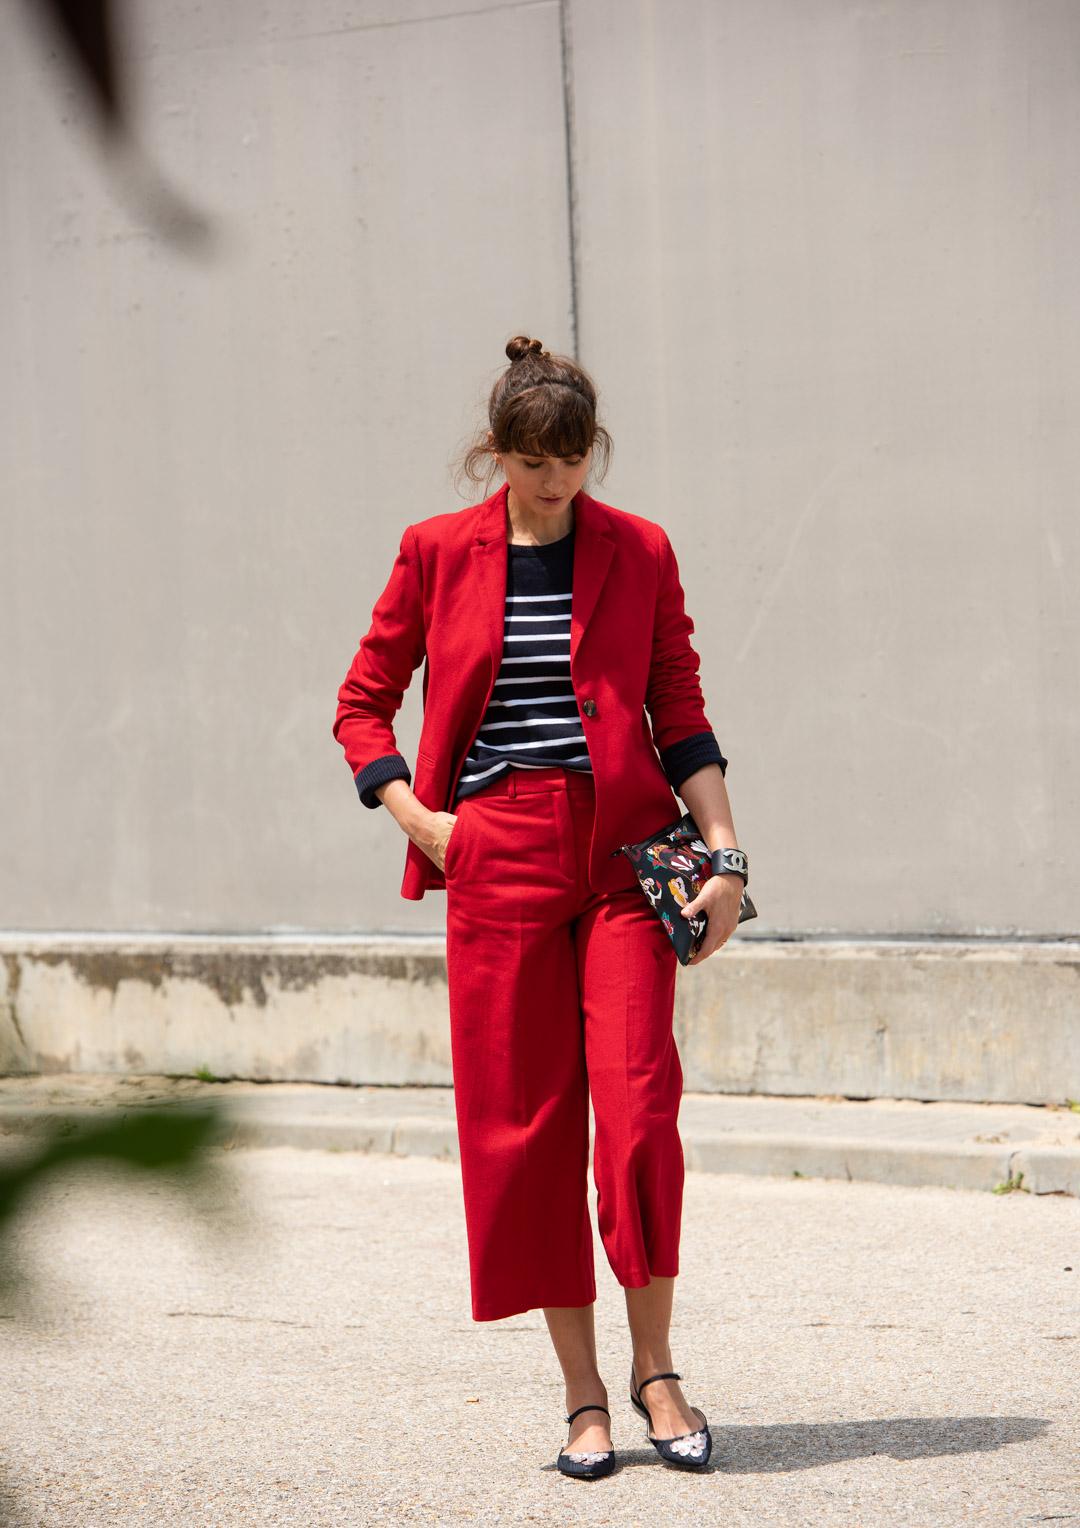 red-suit-street-style-mayte-de-la-iglesia-web-05